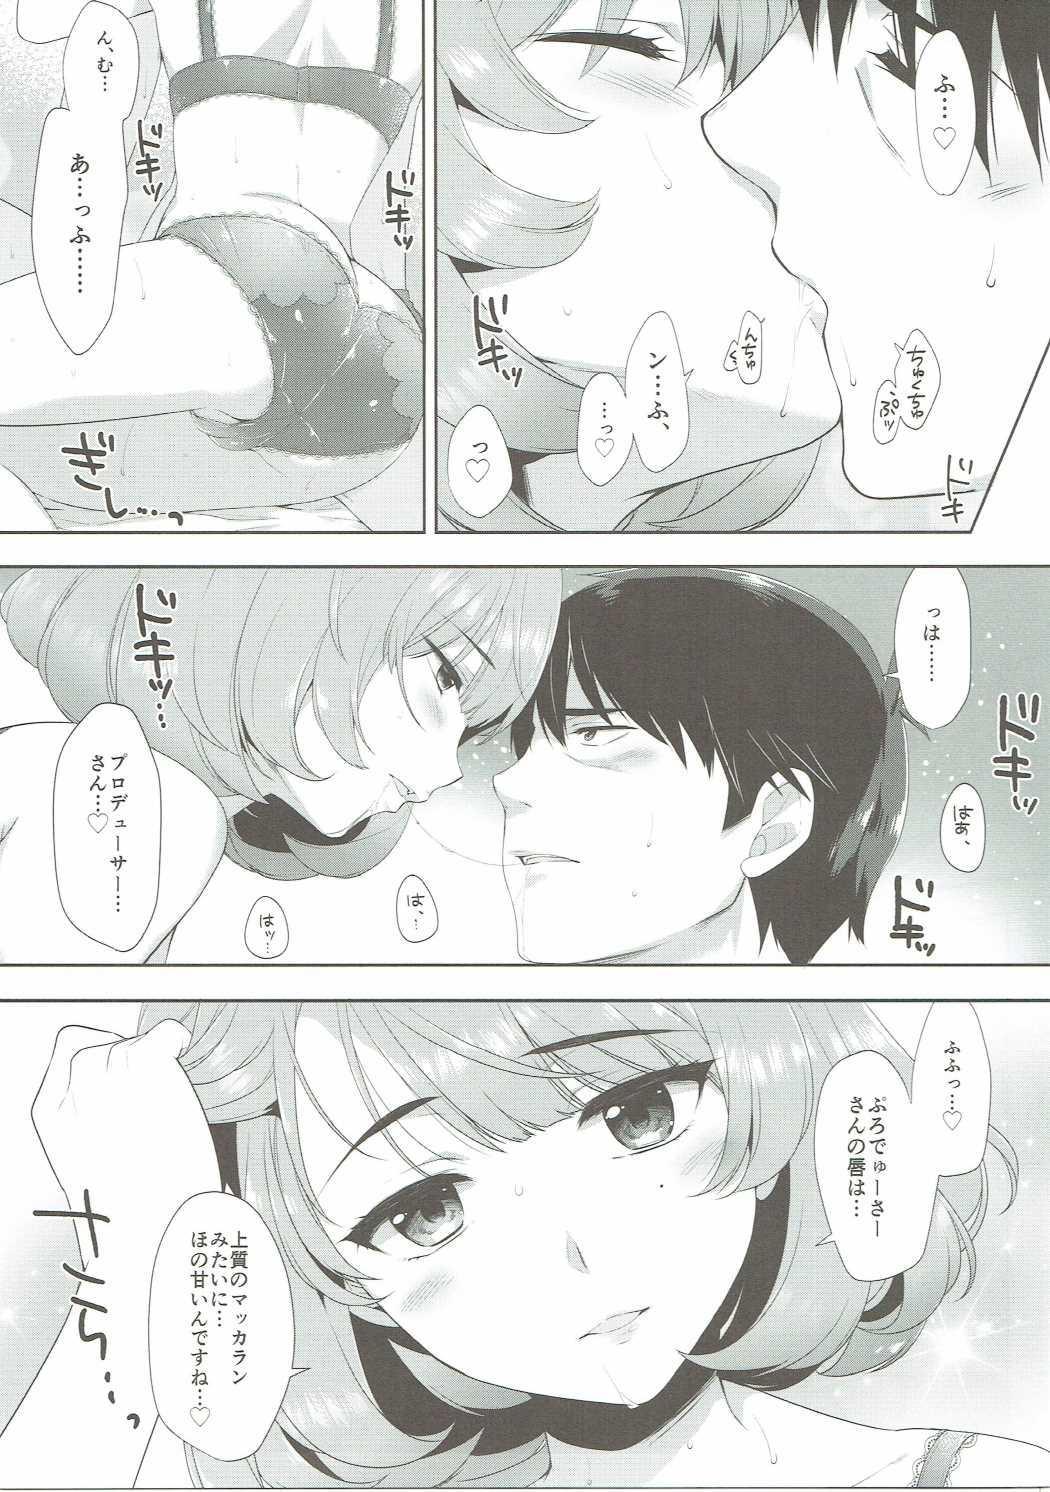 Koi no Kaze ni Sasowarete 13